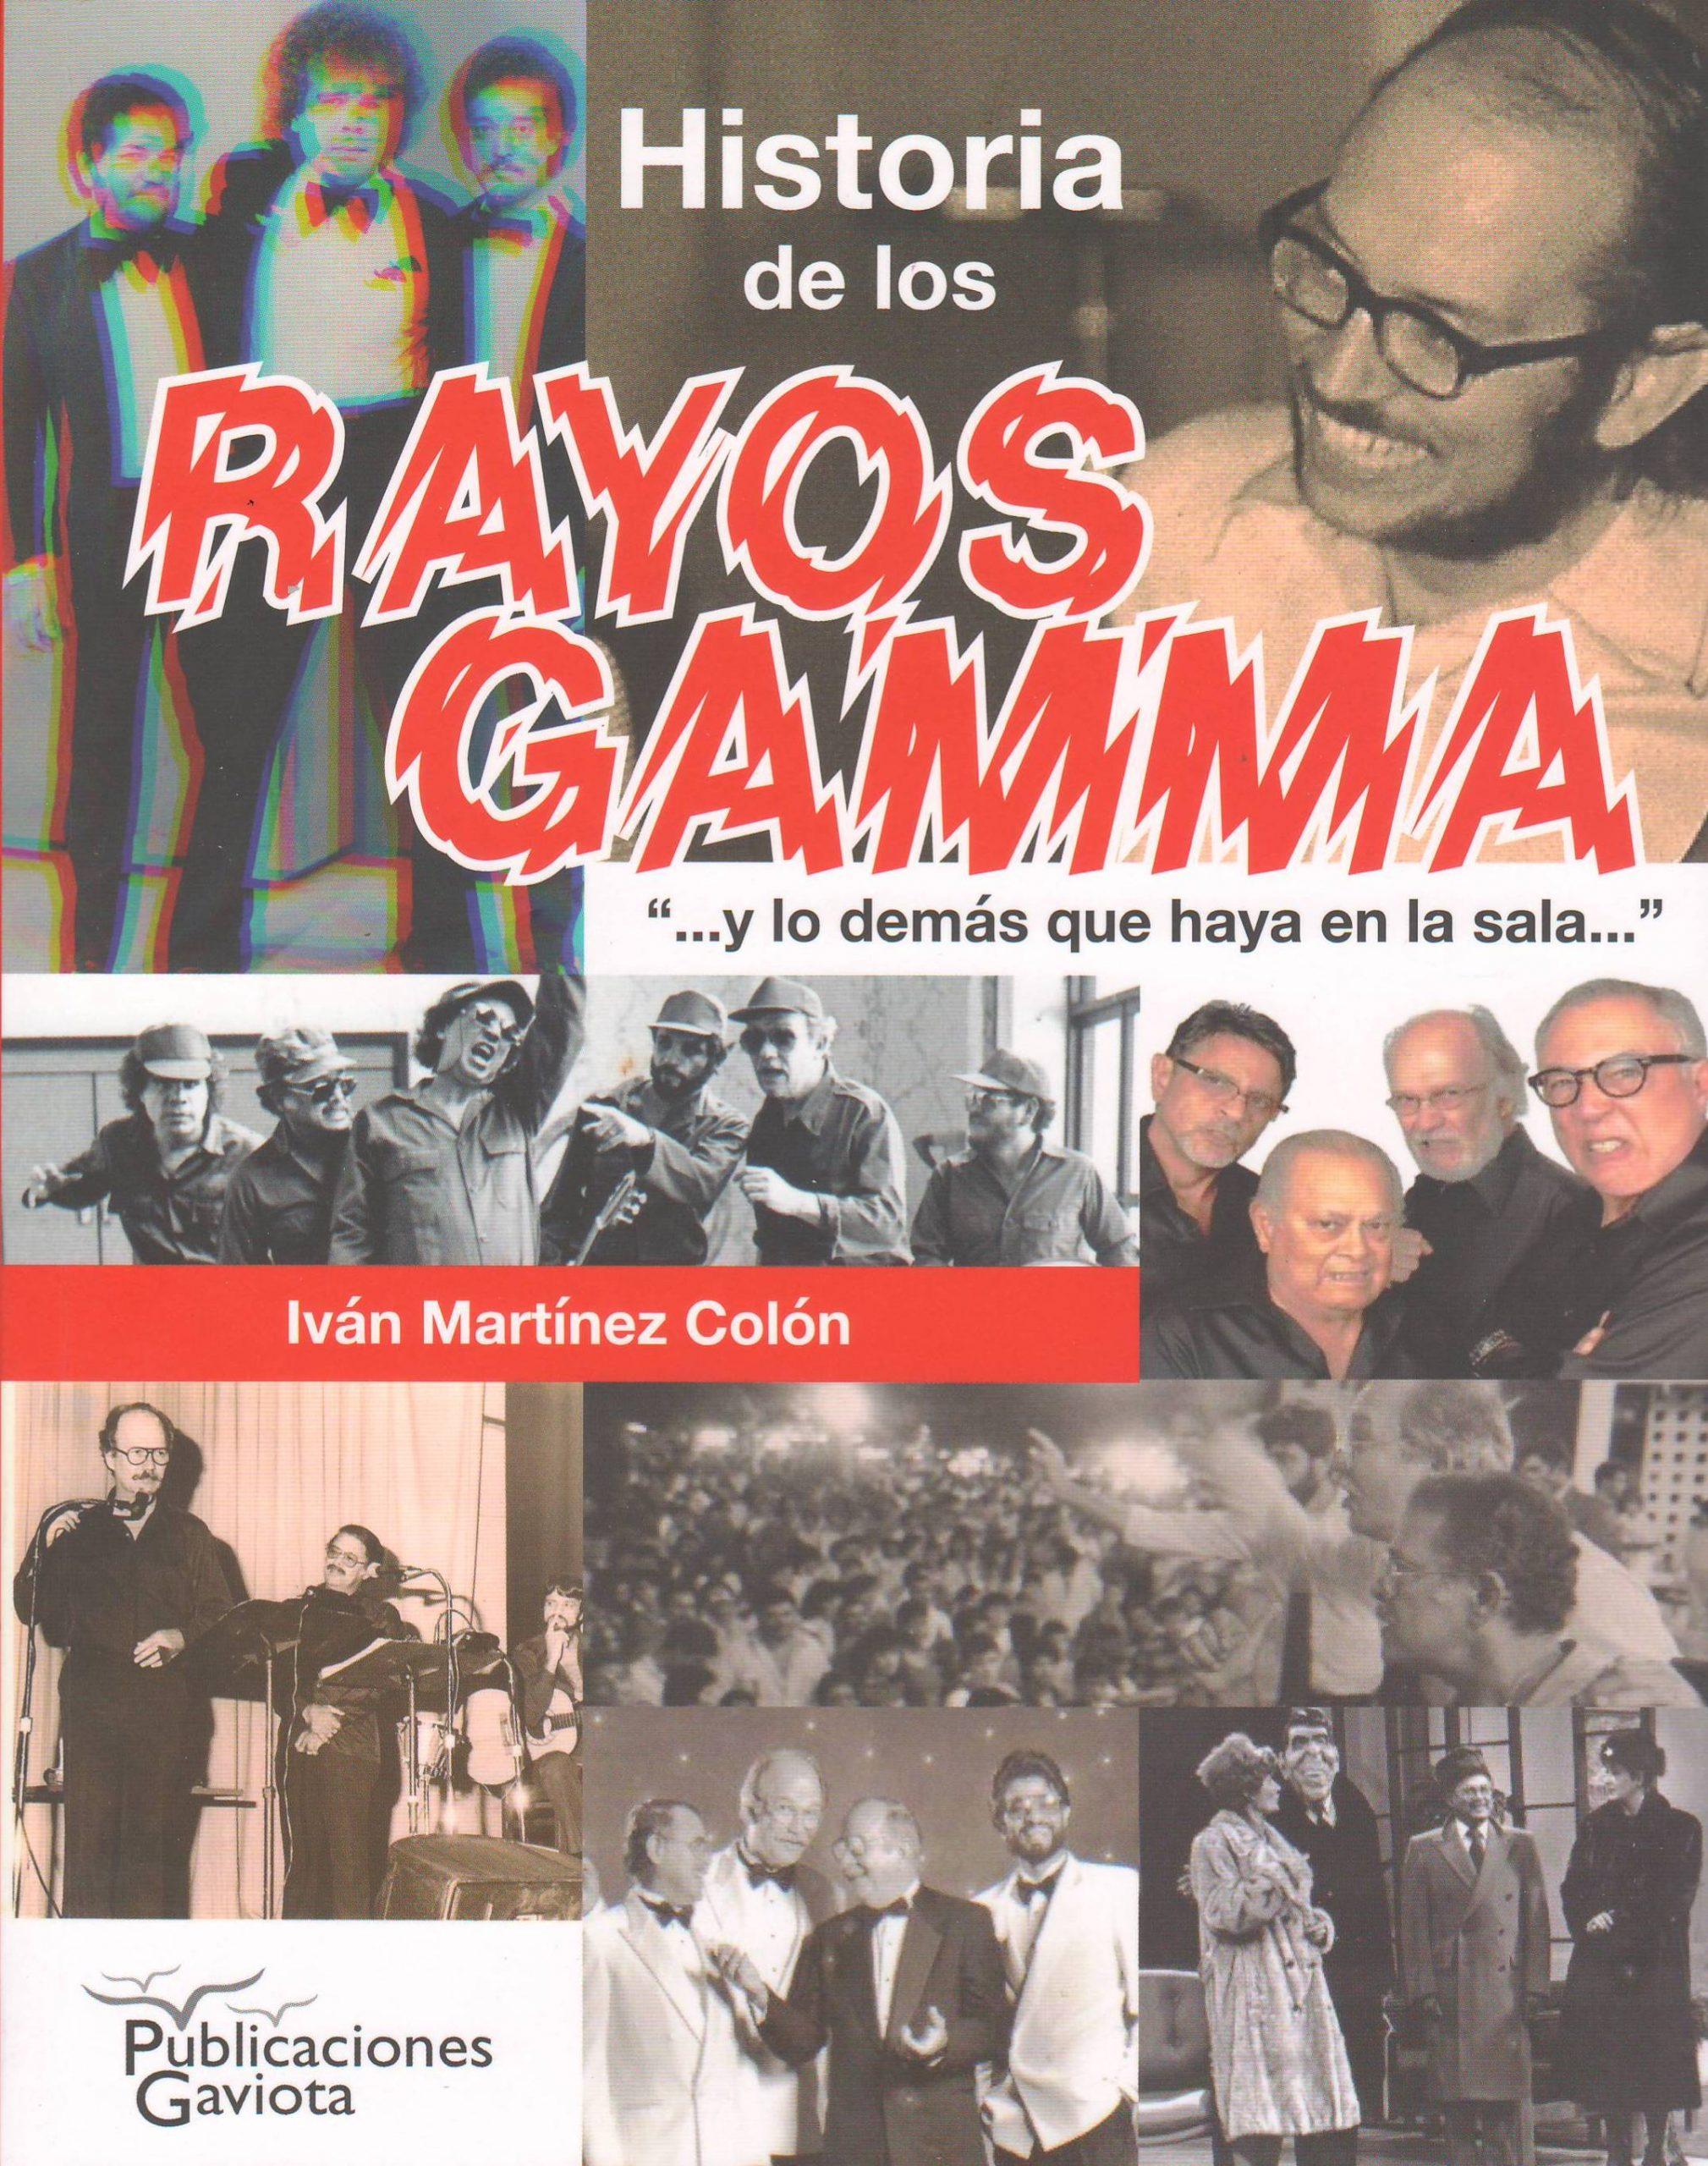 """El libro """"Historia de los Rayos Gamma"""", de Iván Martínez Colón, acaba de ser lanzado al mercado."""